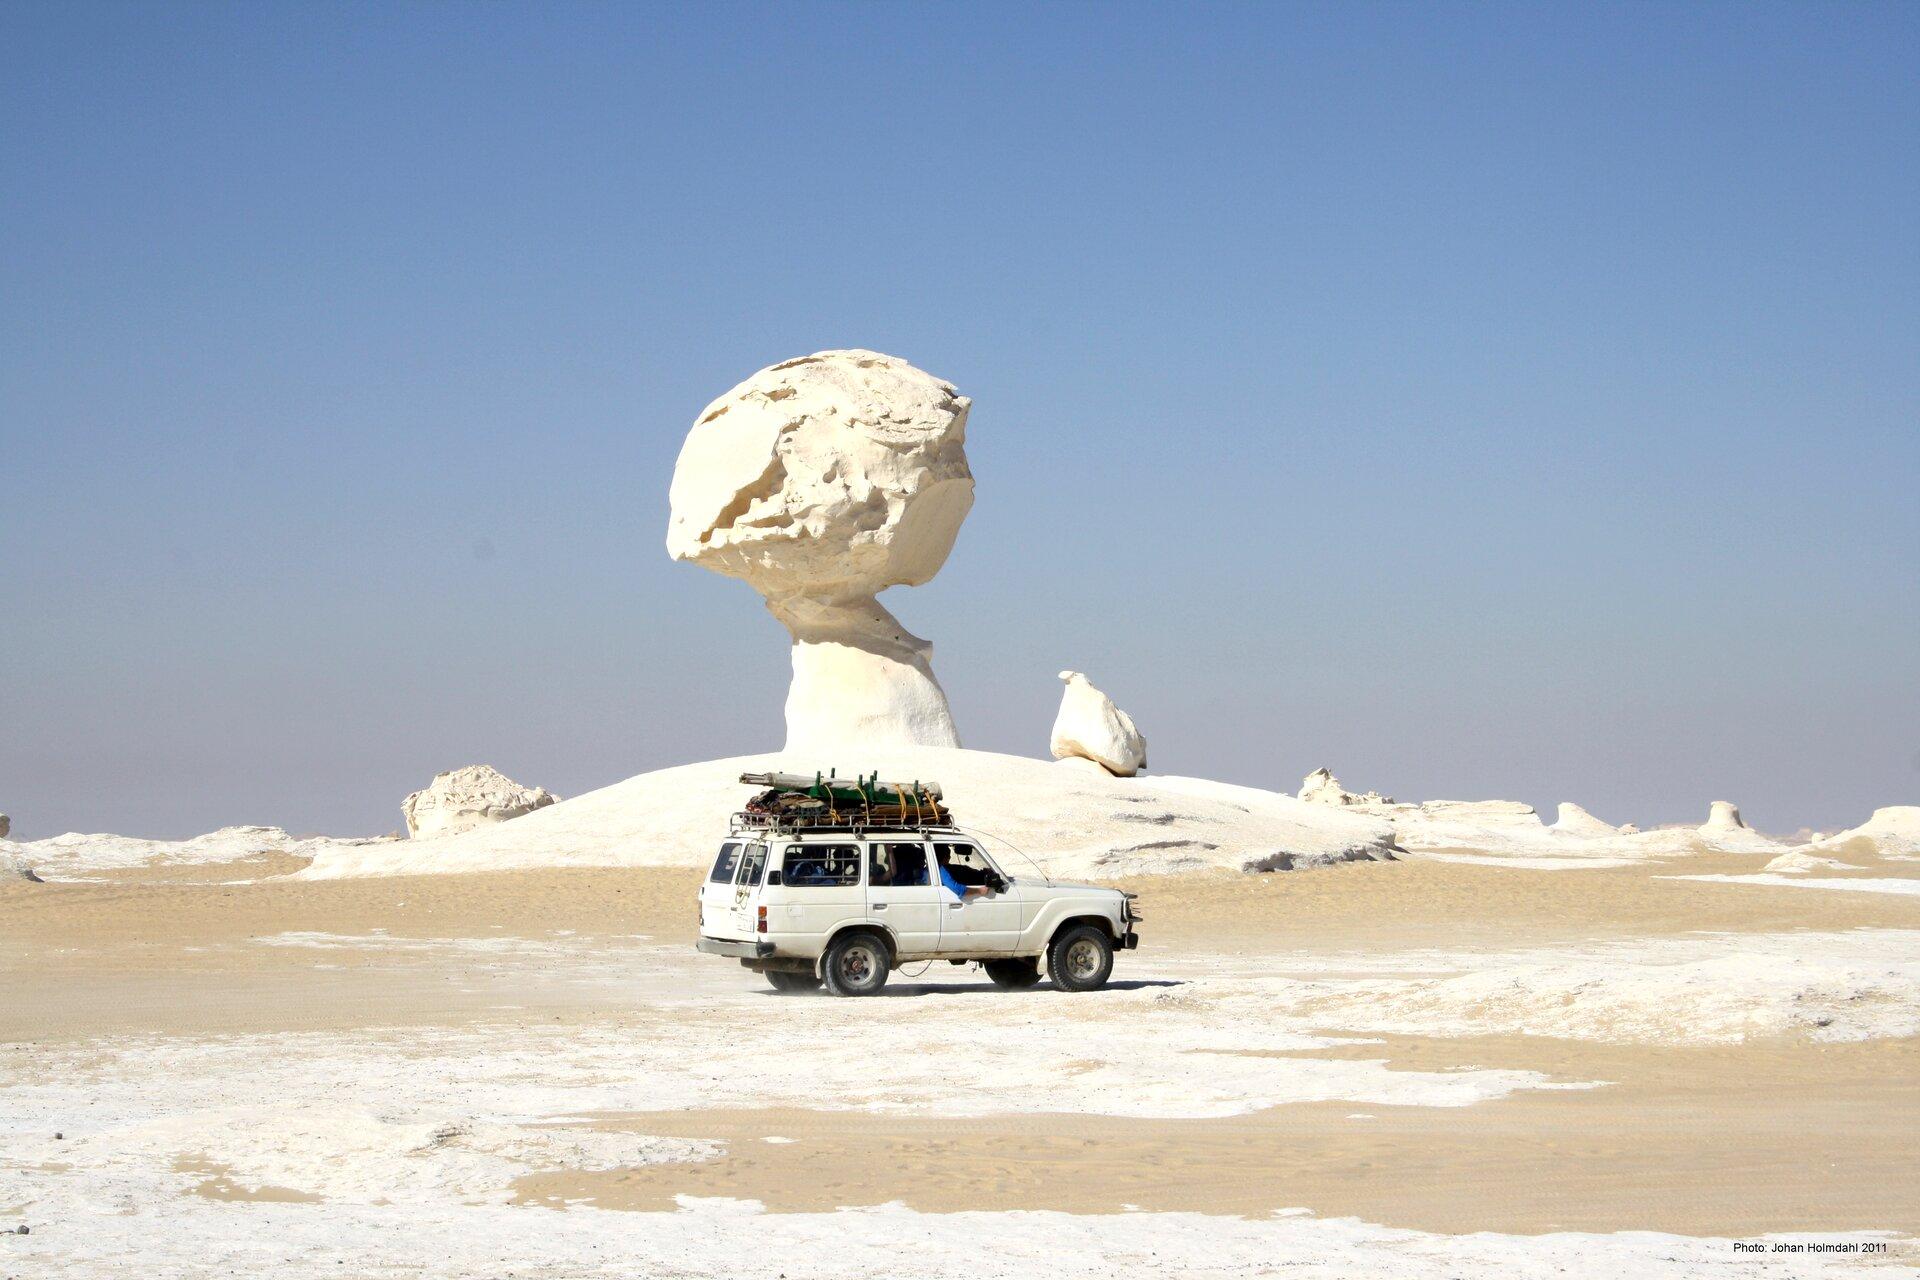 Na zdjęciu grzyb skalny na pustyni. Podstawa ma kształt walca, na jego czubku jest kula. Bardzo jasny kolor piasku. Na pierwszym planie płaski teren pustynny. Biały samochód terenowy, trzy razy mniejszy od grzyba.